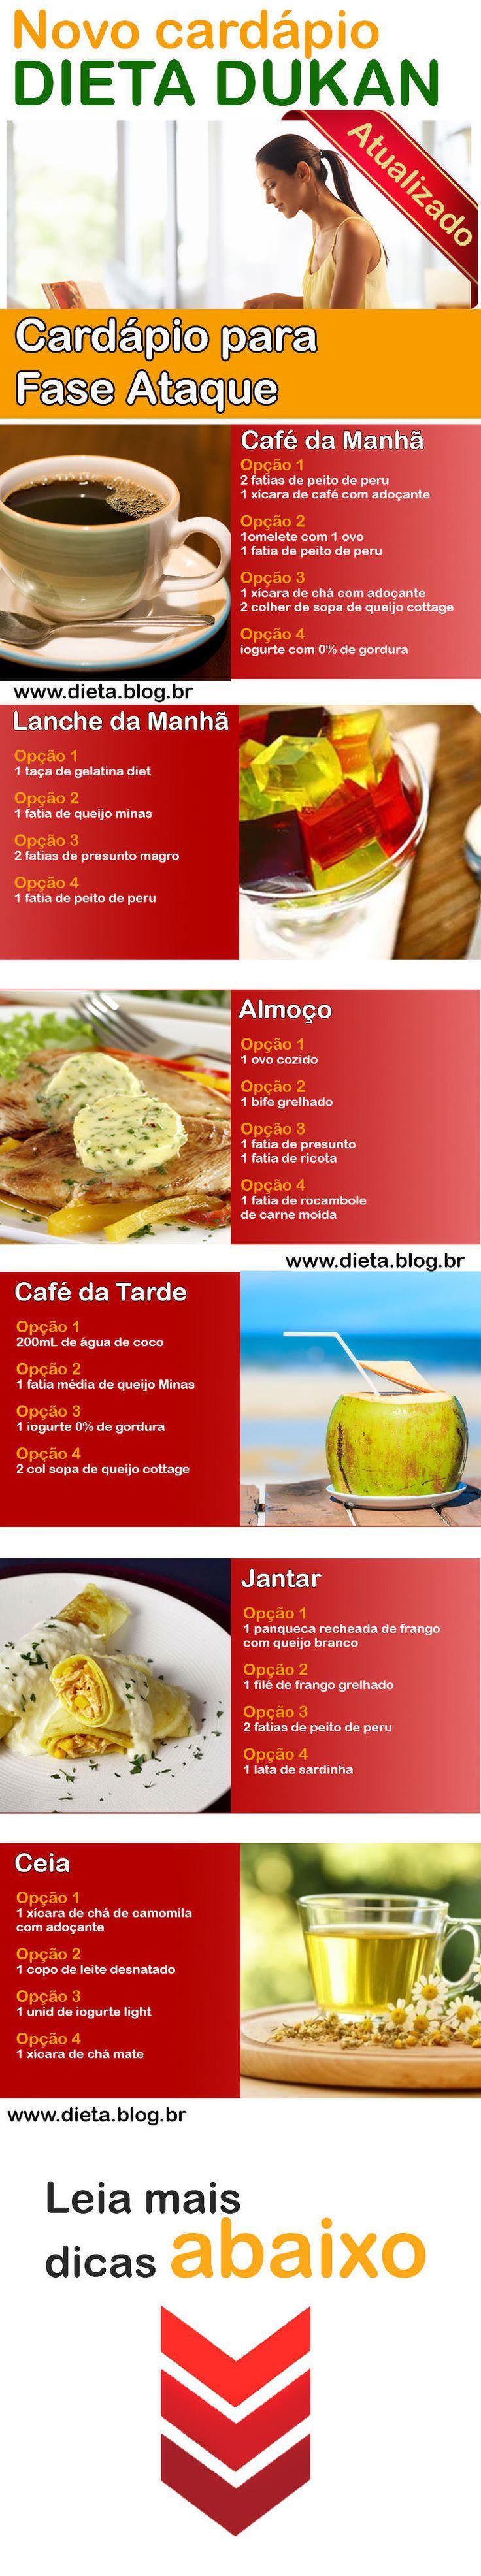 Dieta Dukan Dieta das Celebridades Perca 9kg em15 Dias